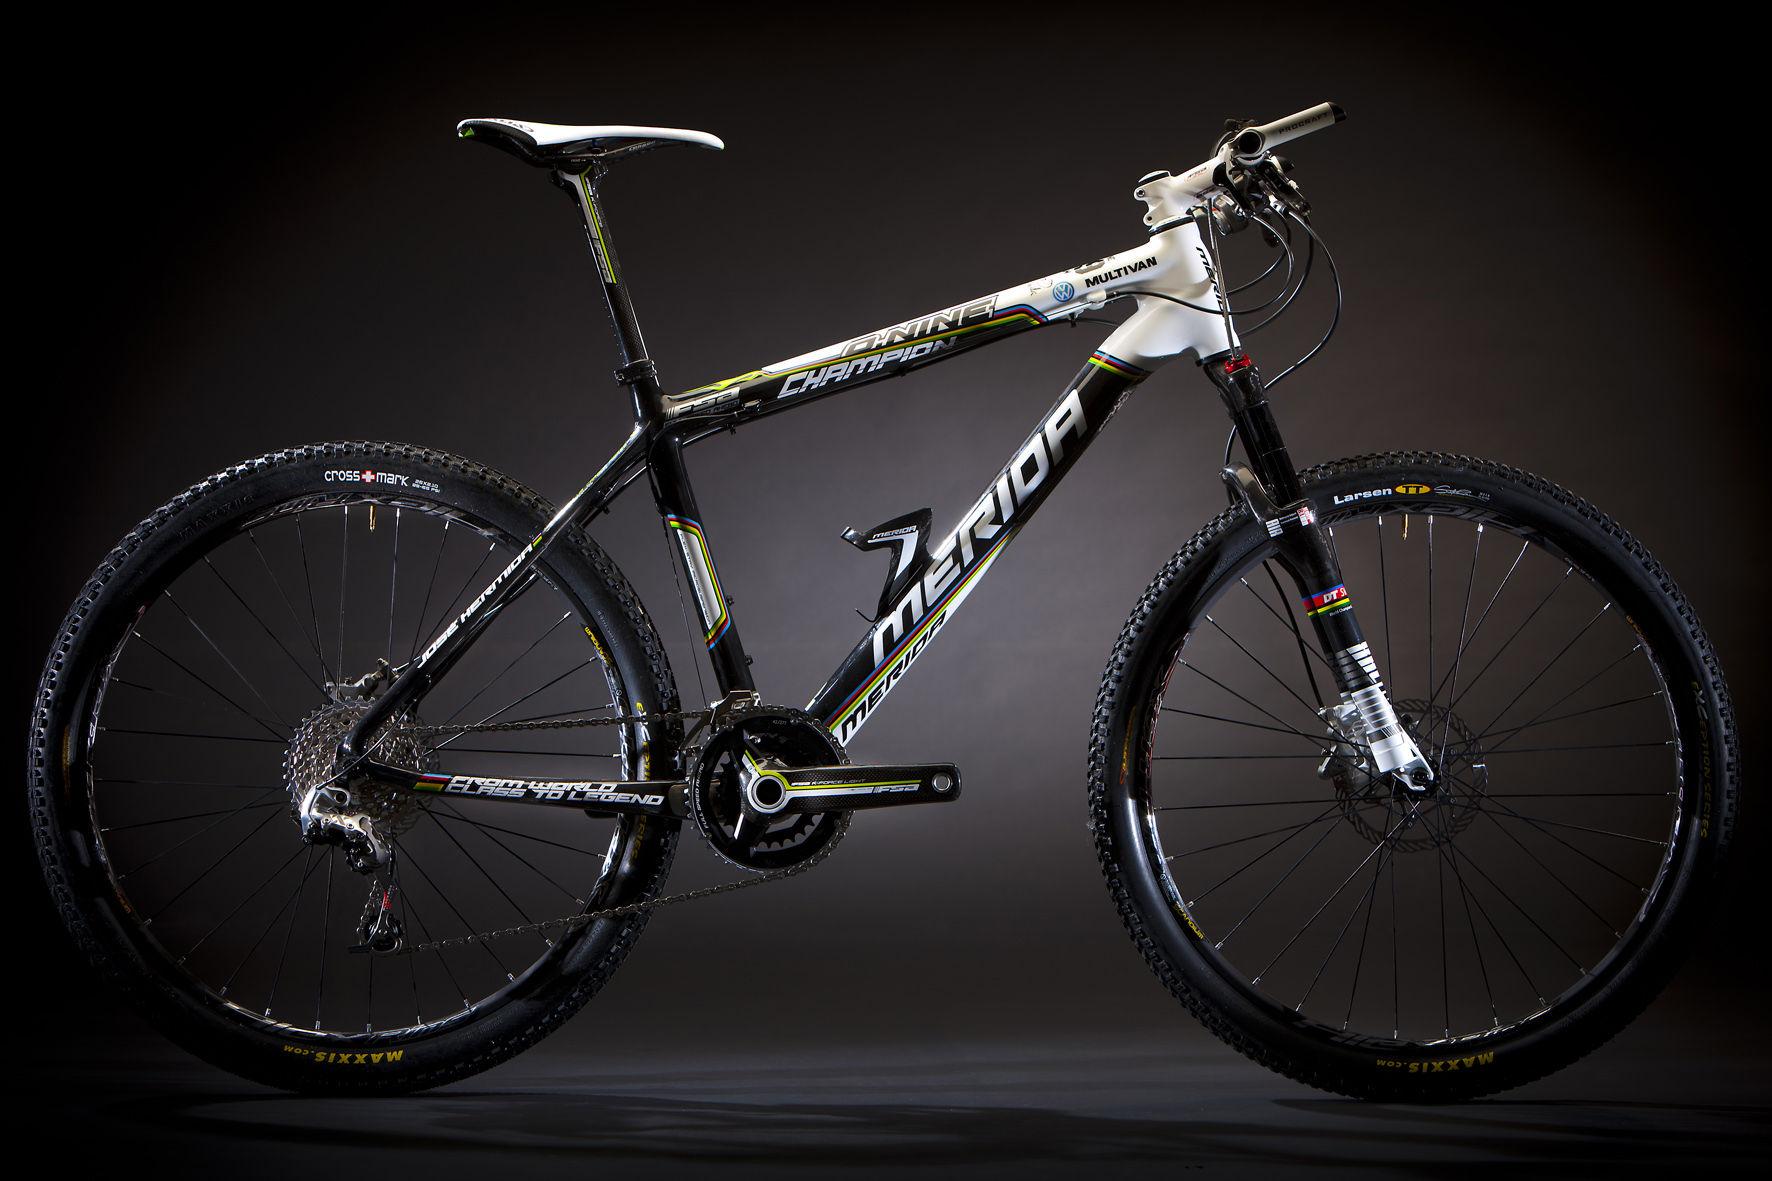 81322-Bike1.jpg